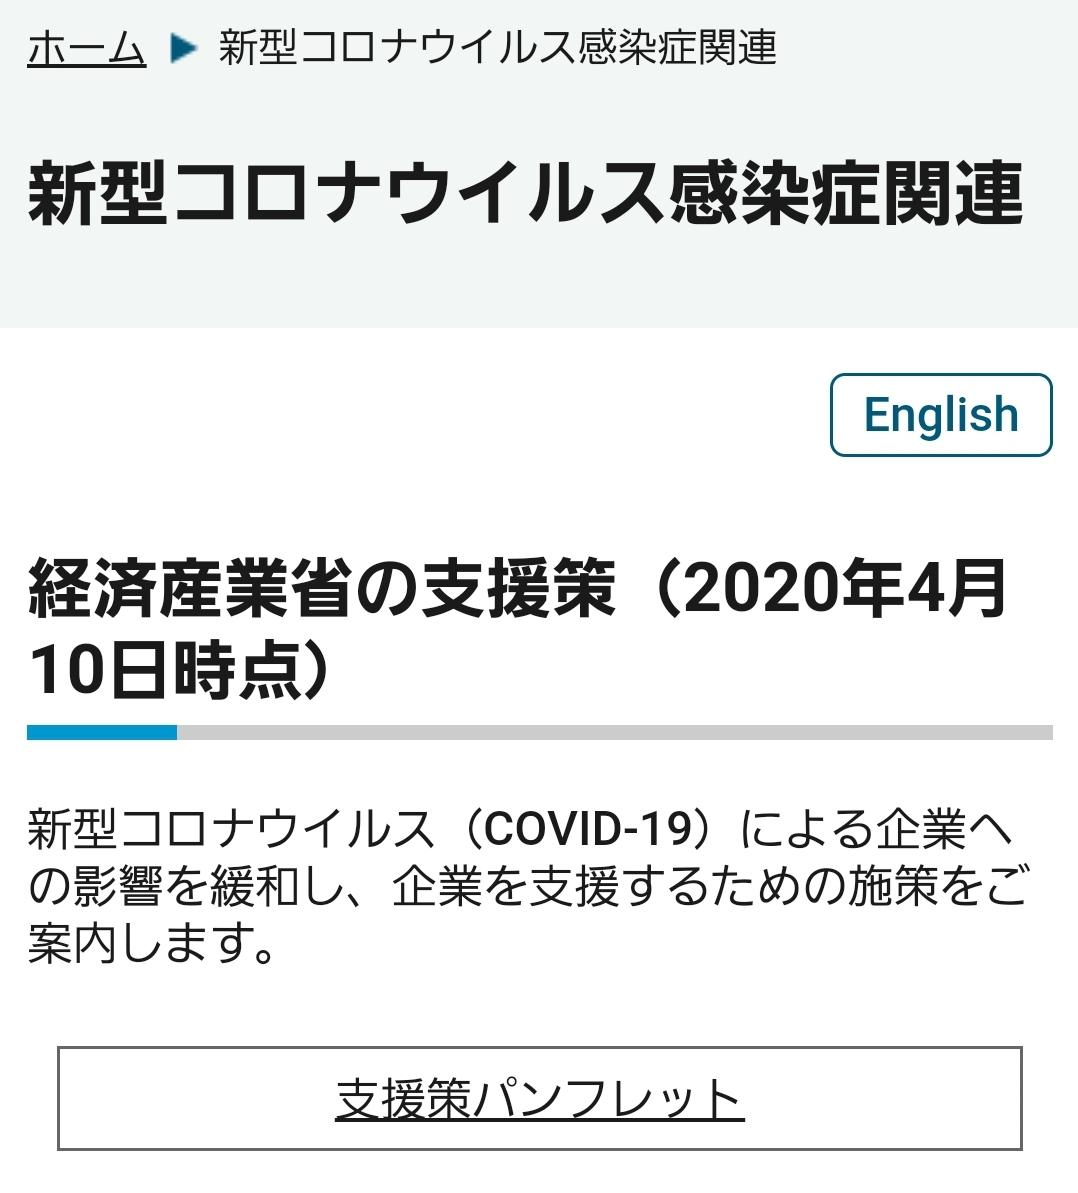 新型コロナウイルス対策・経済産業省の支援策パンフレット